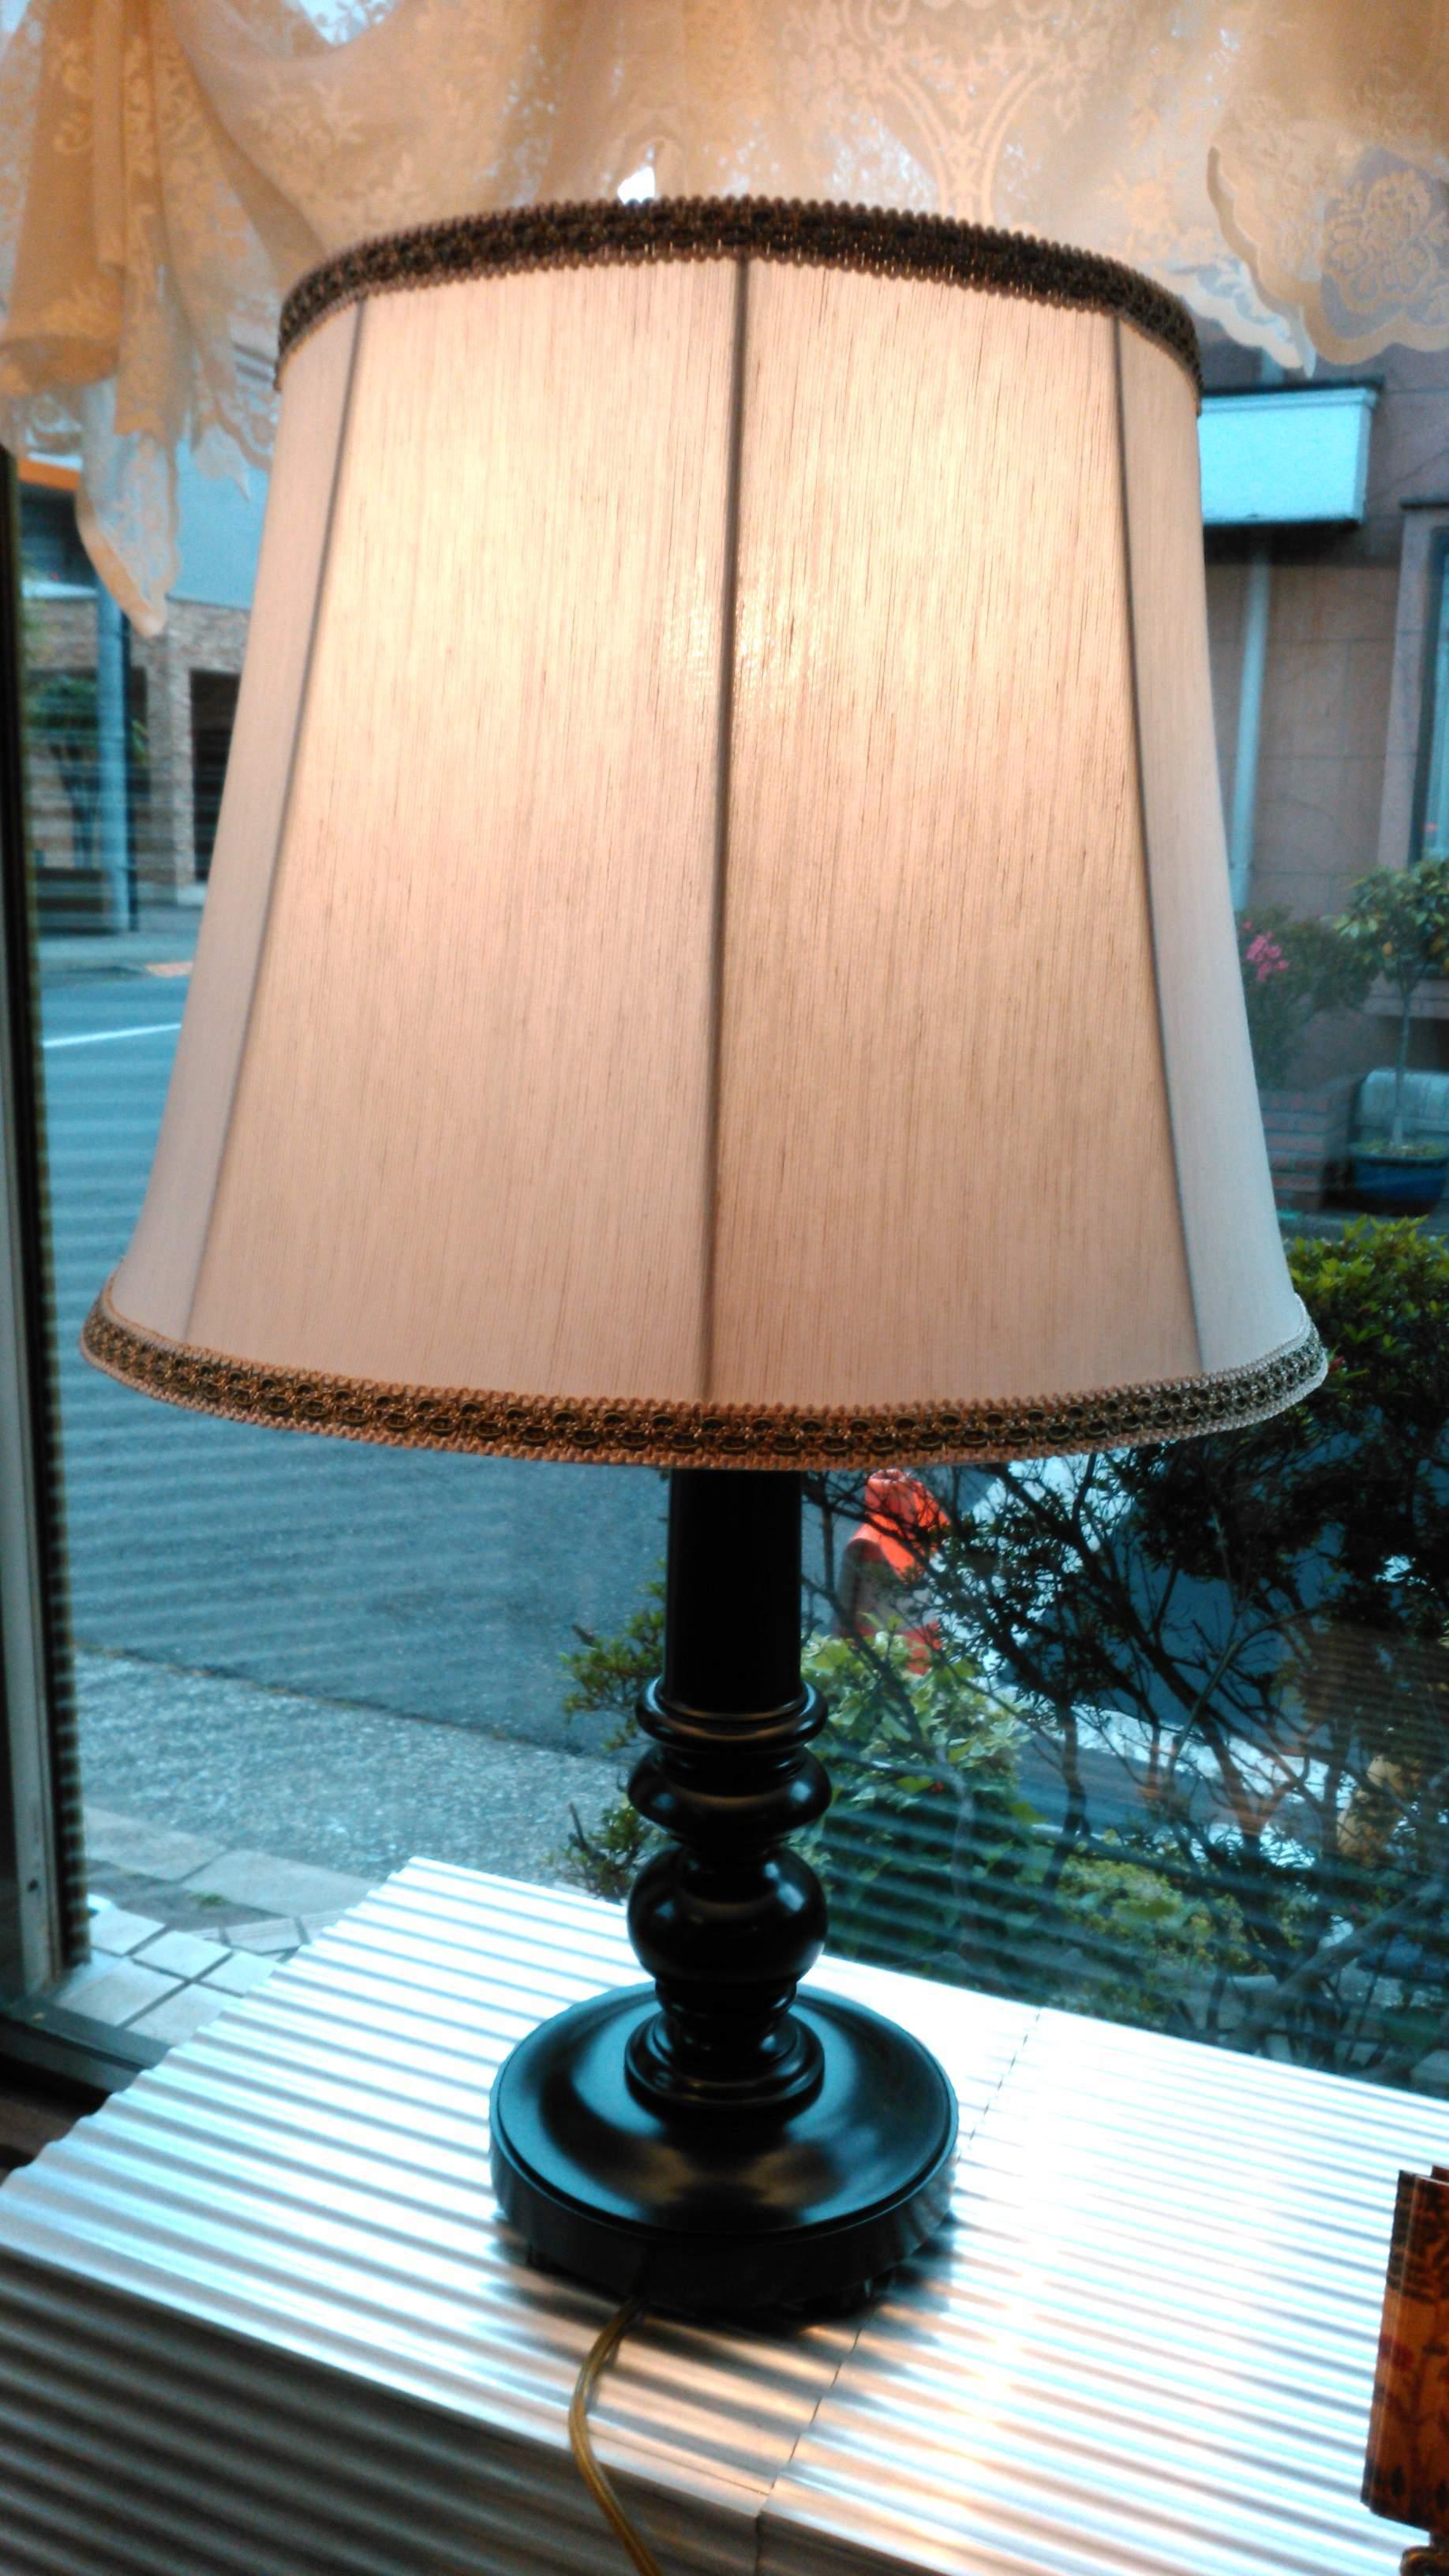 ランプシェード 張替 ウィリアムモリス正規販売店のブライト_c0157866_18574795.jpg